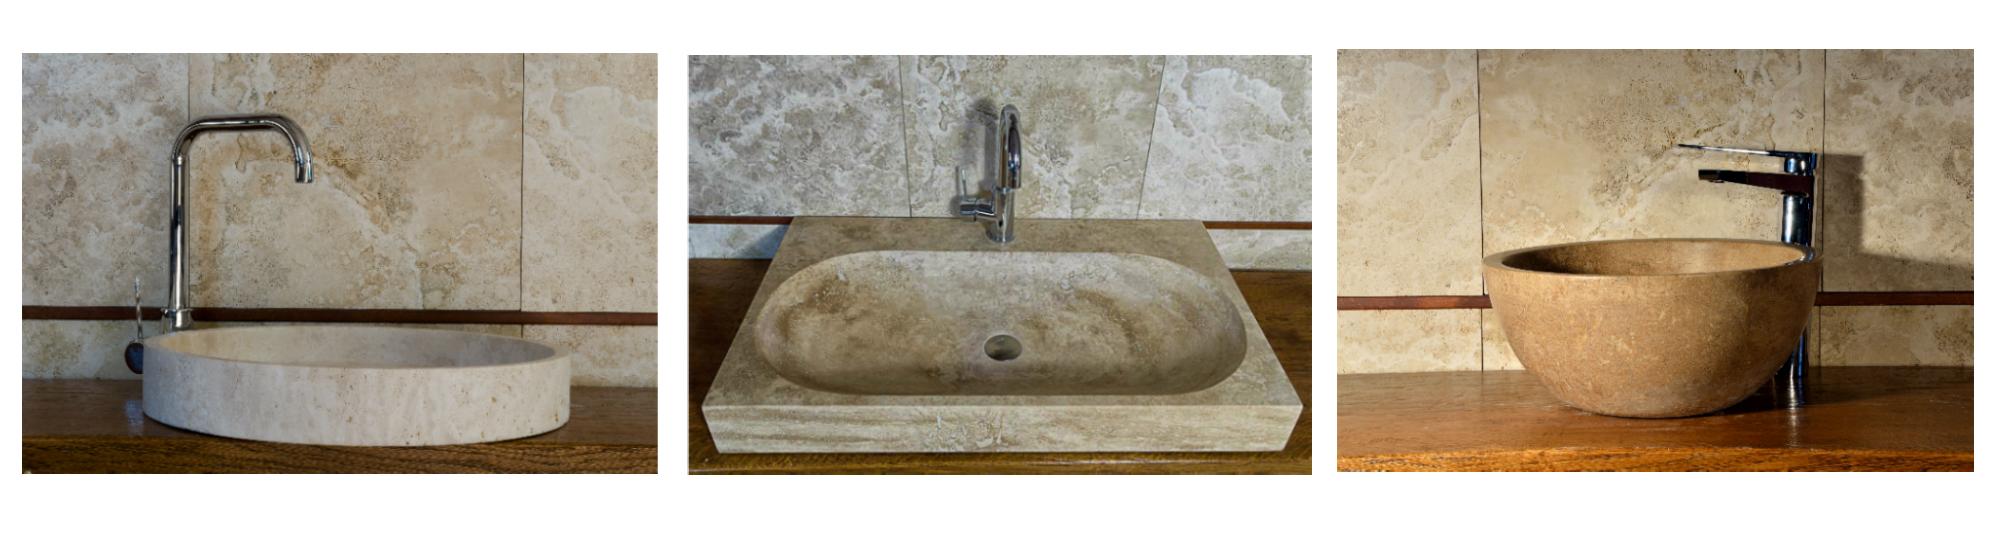 Scegliere il lavabo in marmo per l arredo del bagno - Pietre per bagno ...